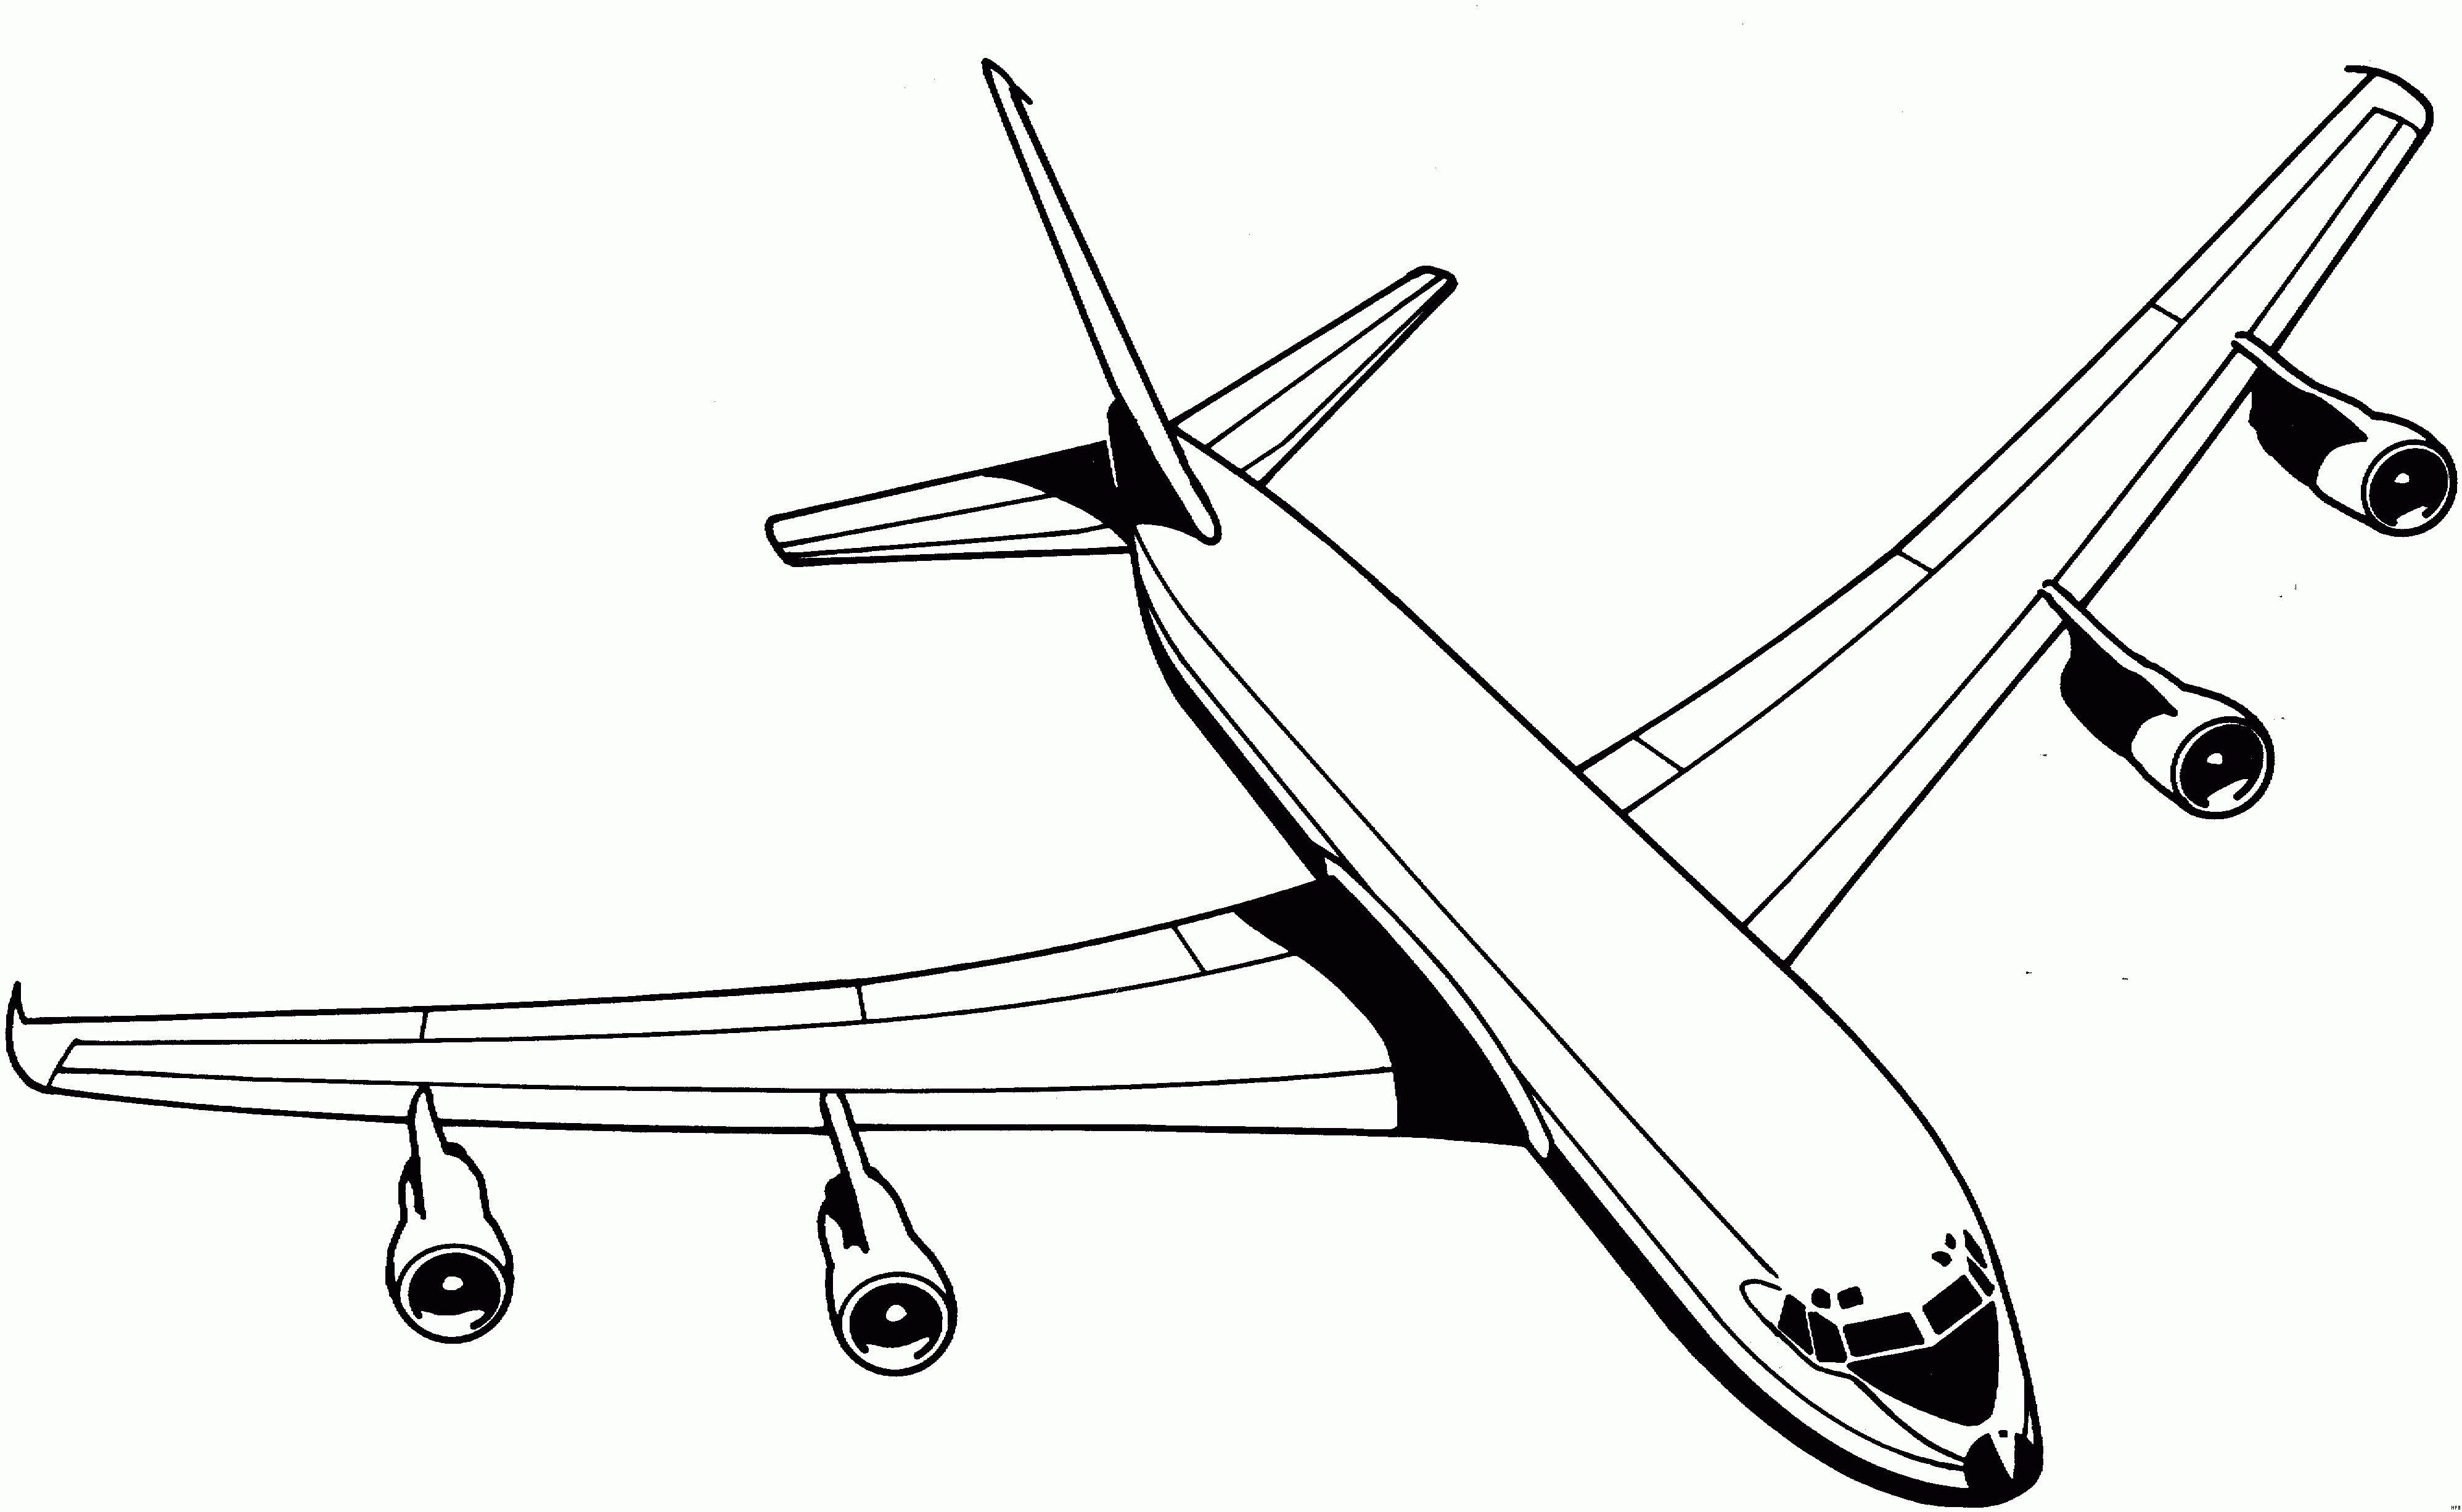 unique flugzeug ausmalbild färbung malvorlagen